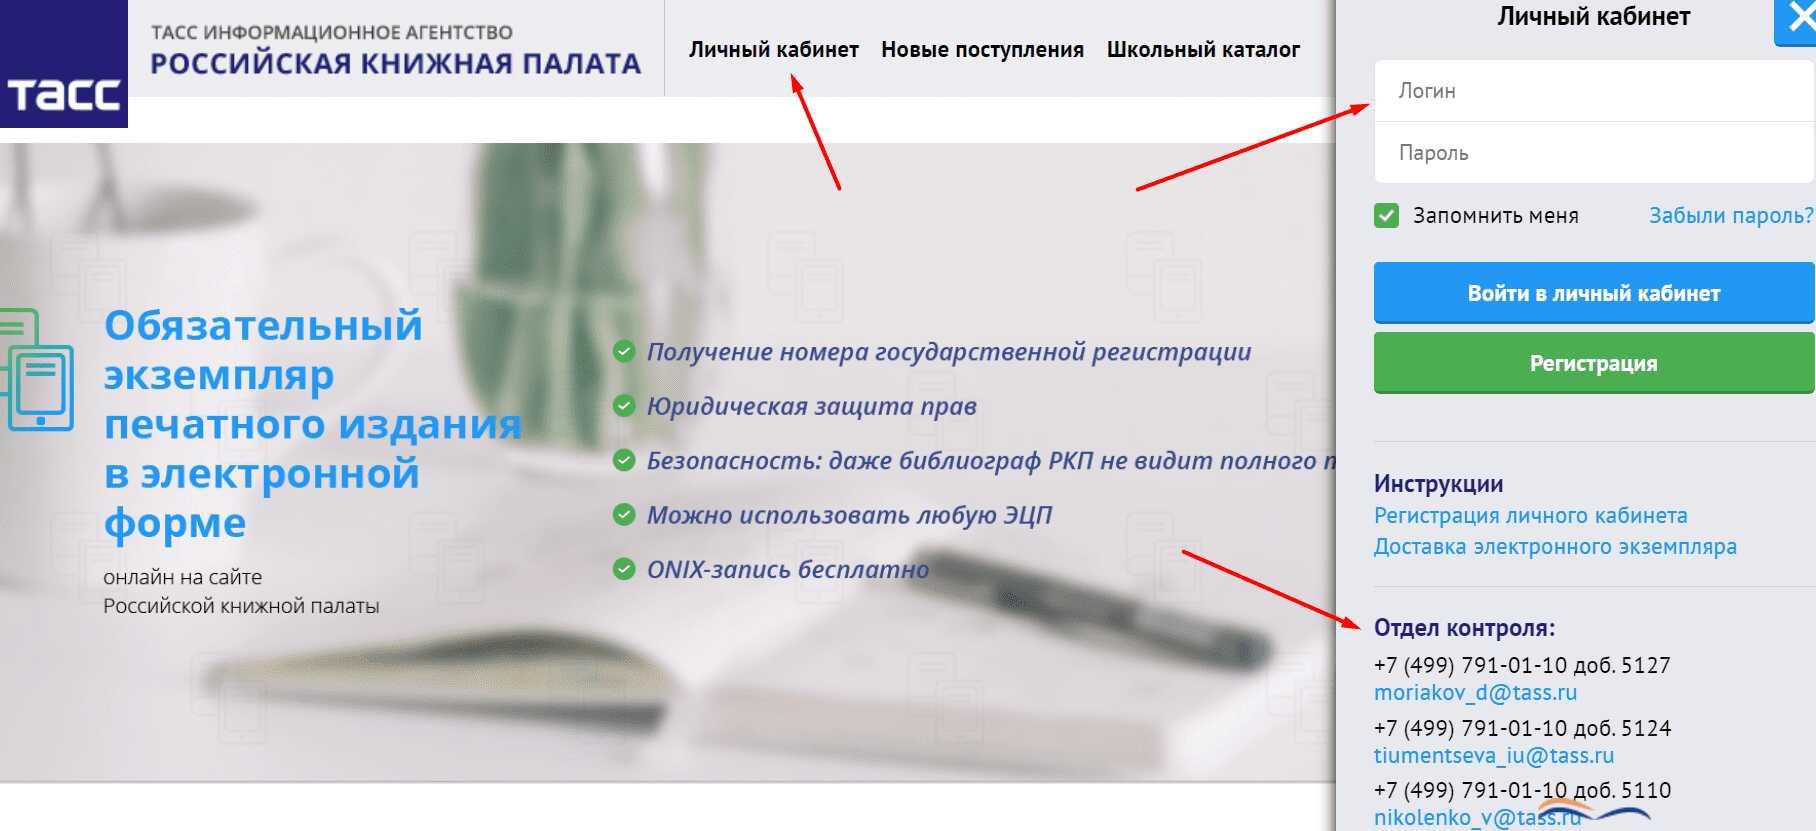 Ссылка на сайт Российской книжной палаты